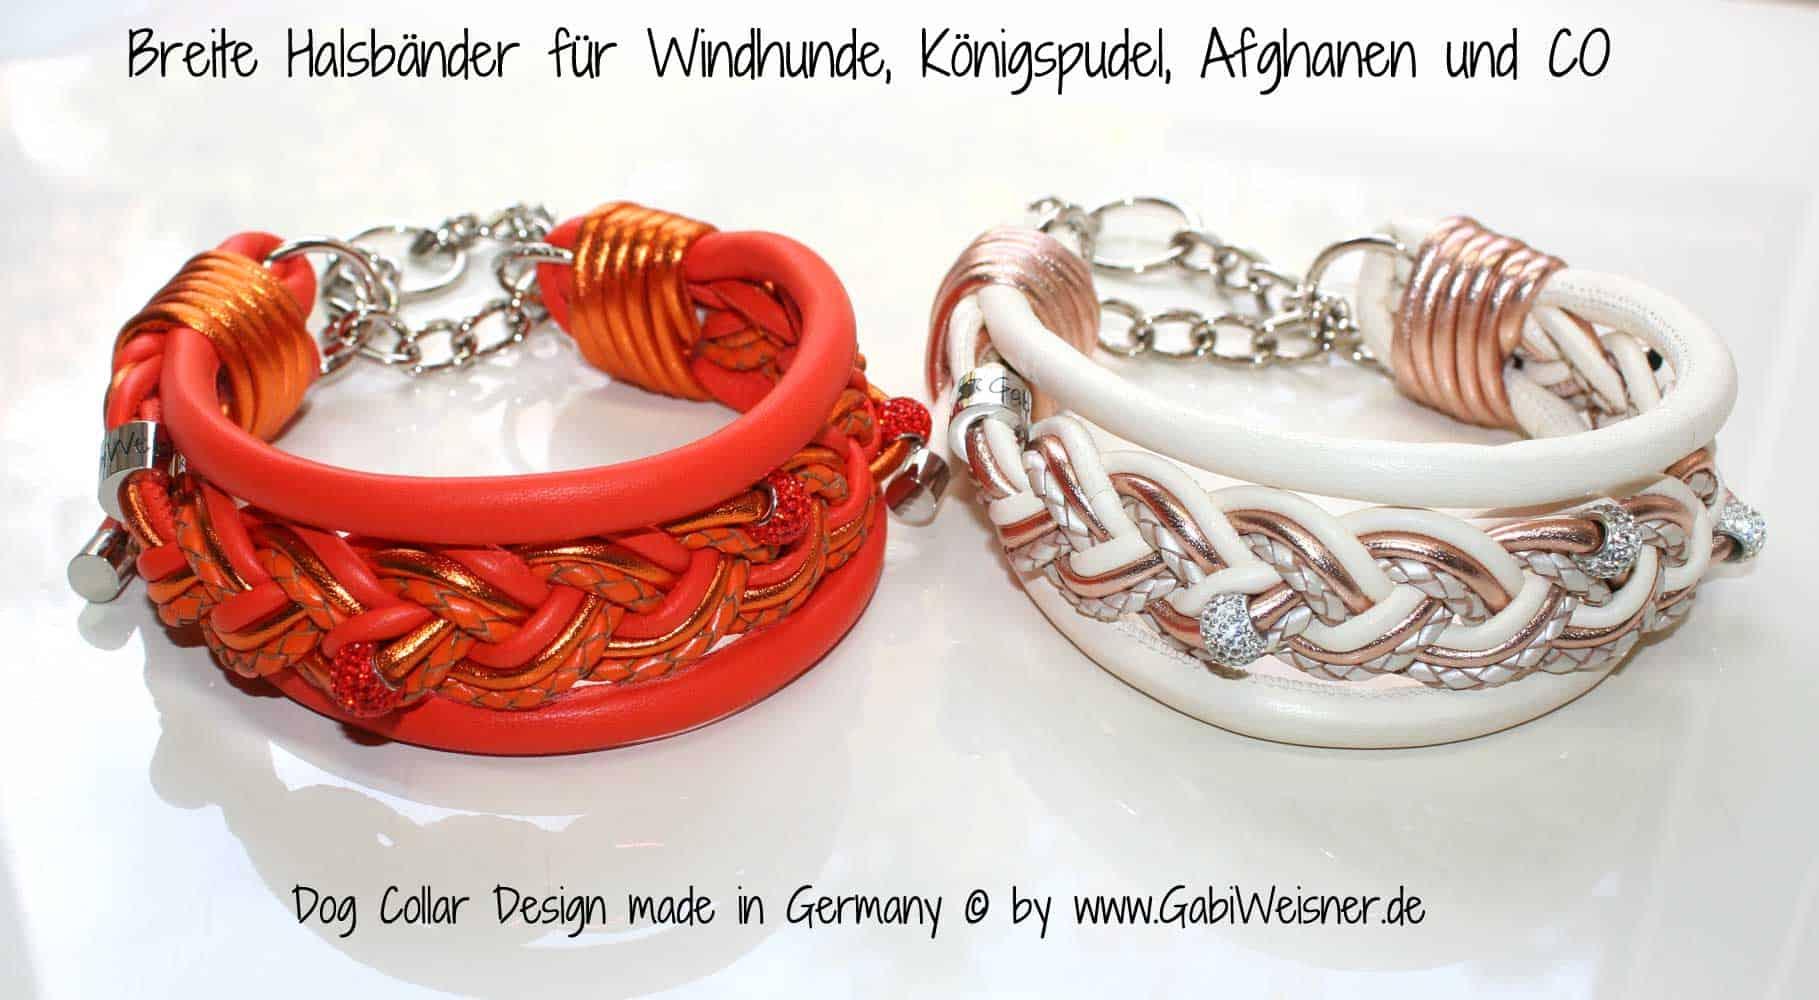 Breite-Halsbänder-für-Windhunde,-Königspudel,-Afghanen-und-CO